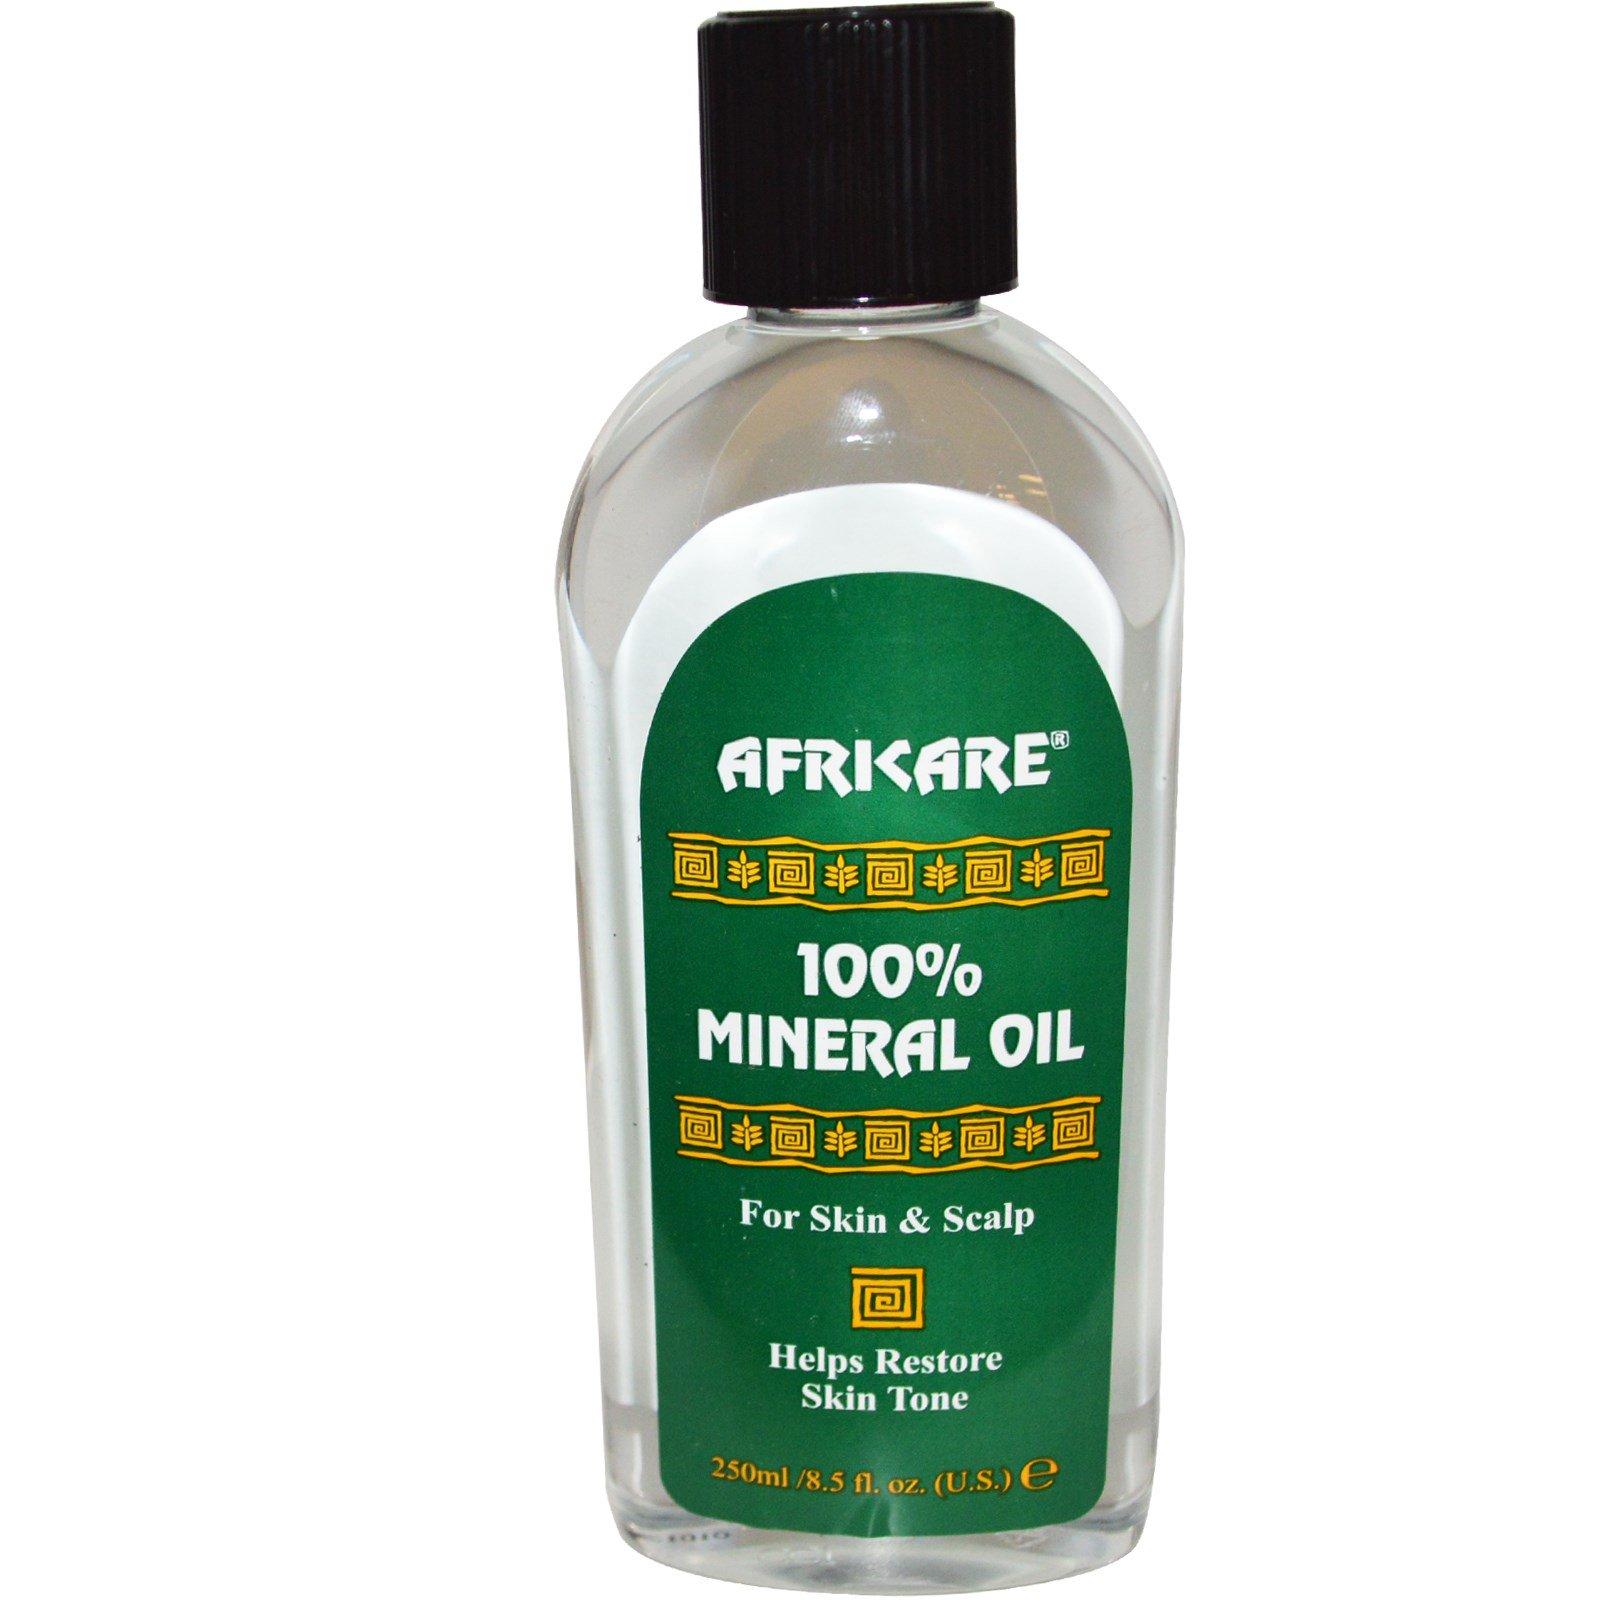 Cococare, Африкэр, 100% минеральное масло, 250 мл (8,5 жидких унций)